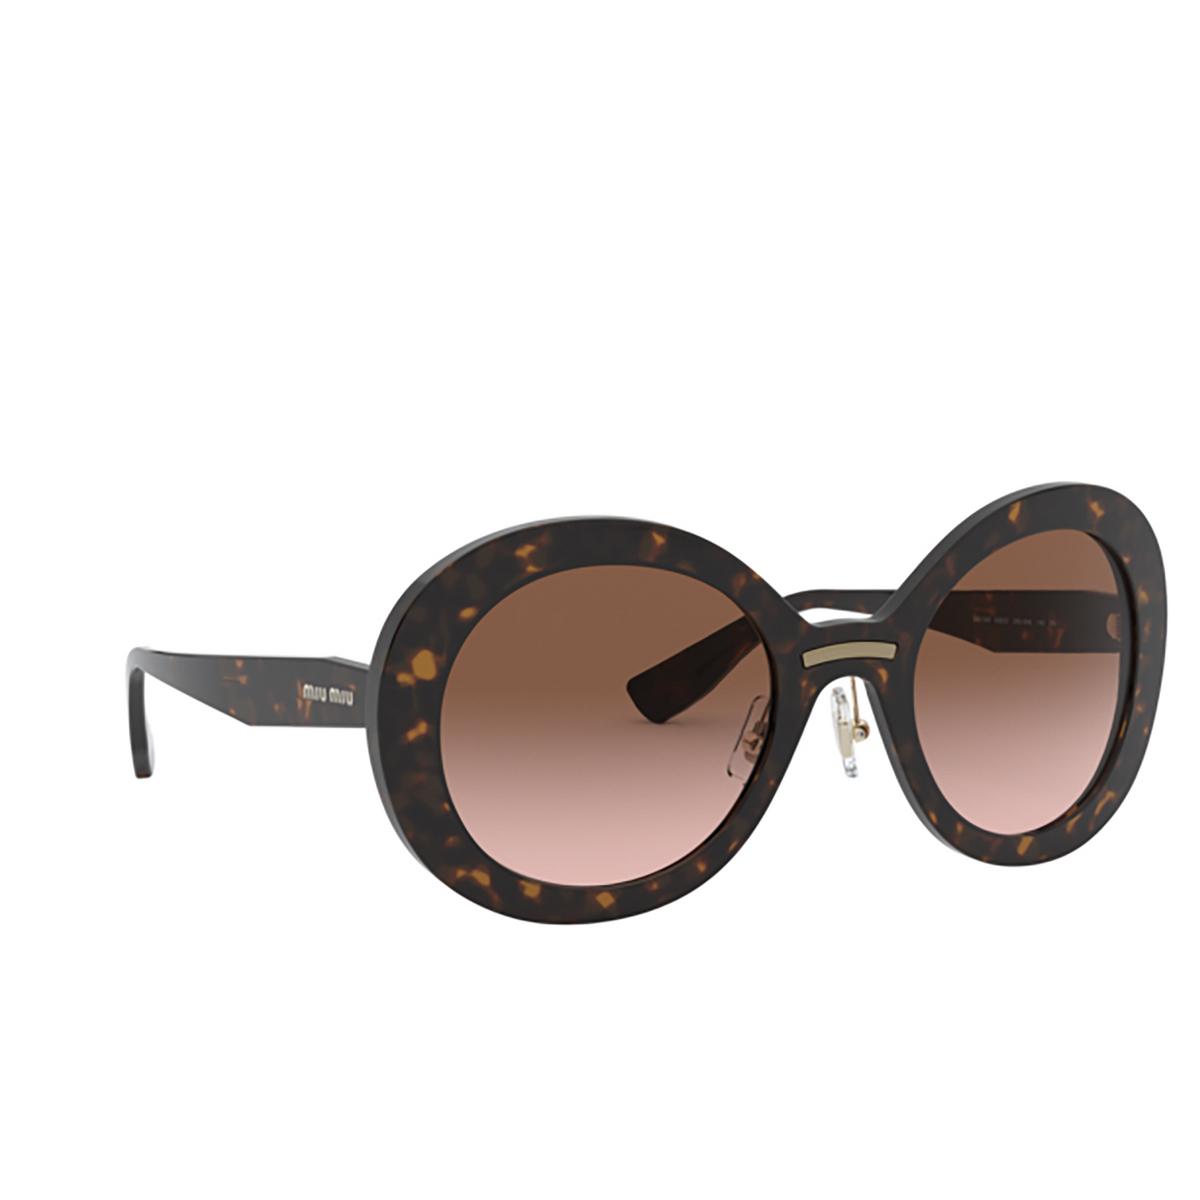 Miu Miu® Round Sunglasses: MU 04VS color Havana 2AU0A6.